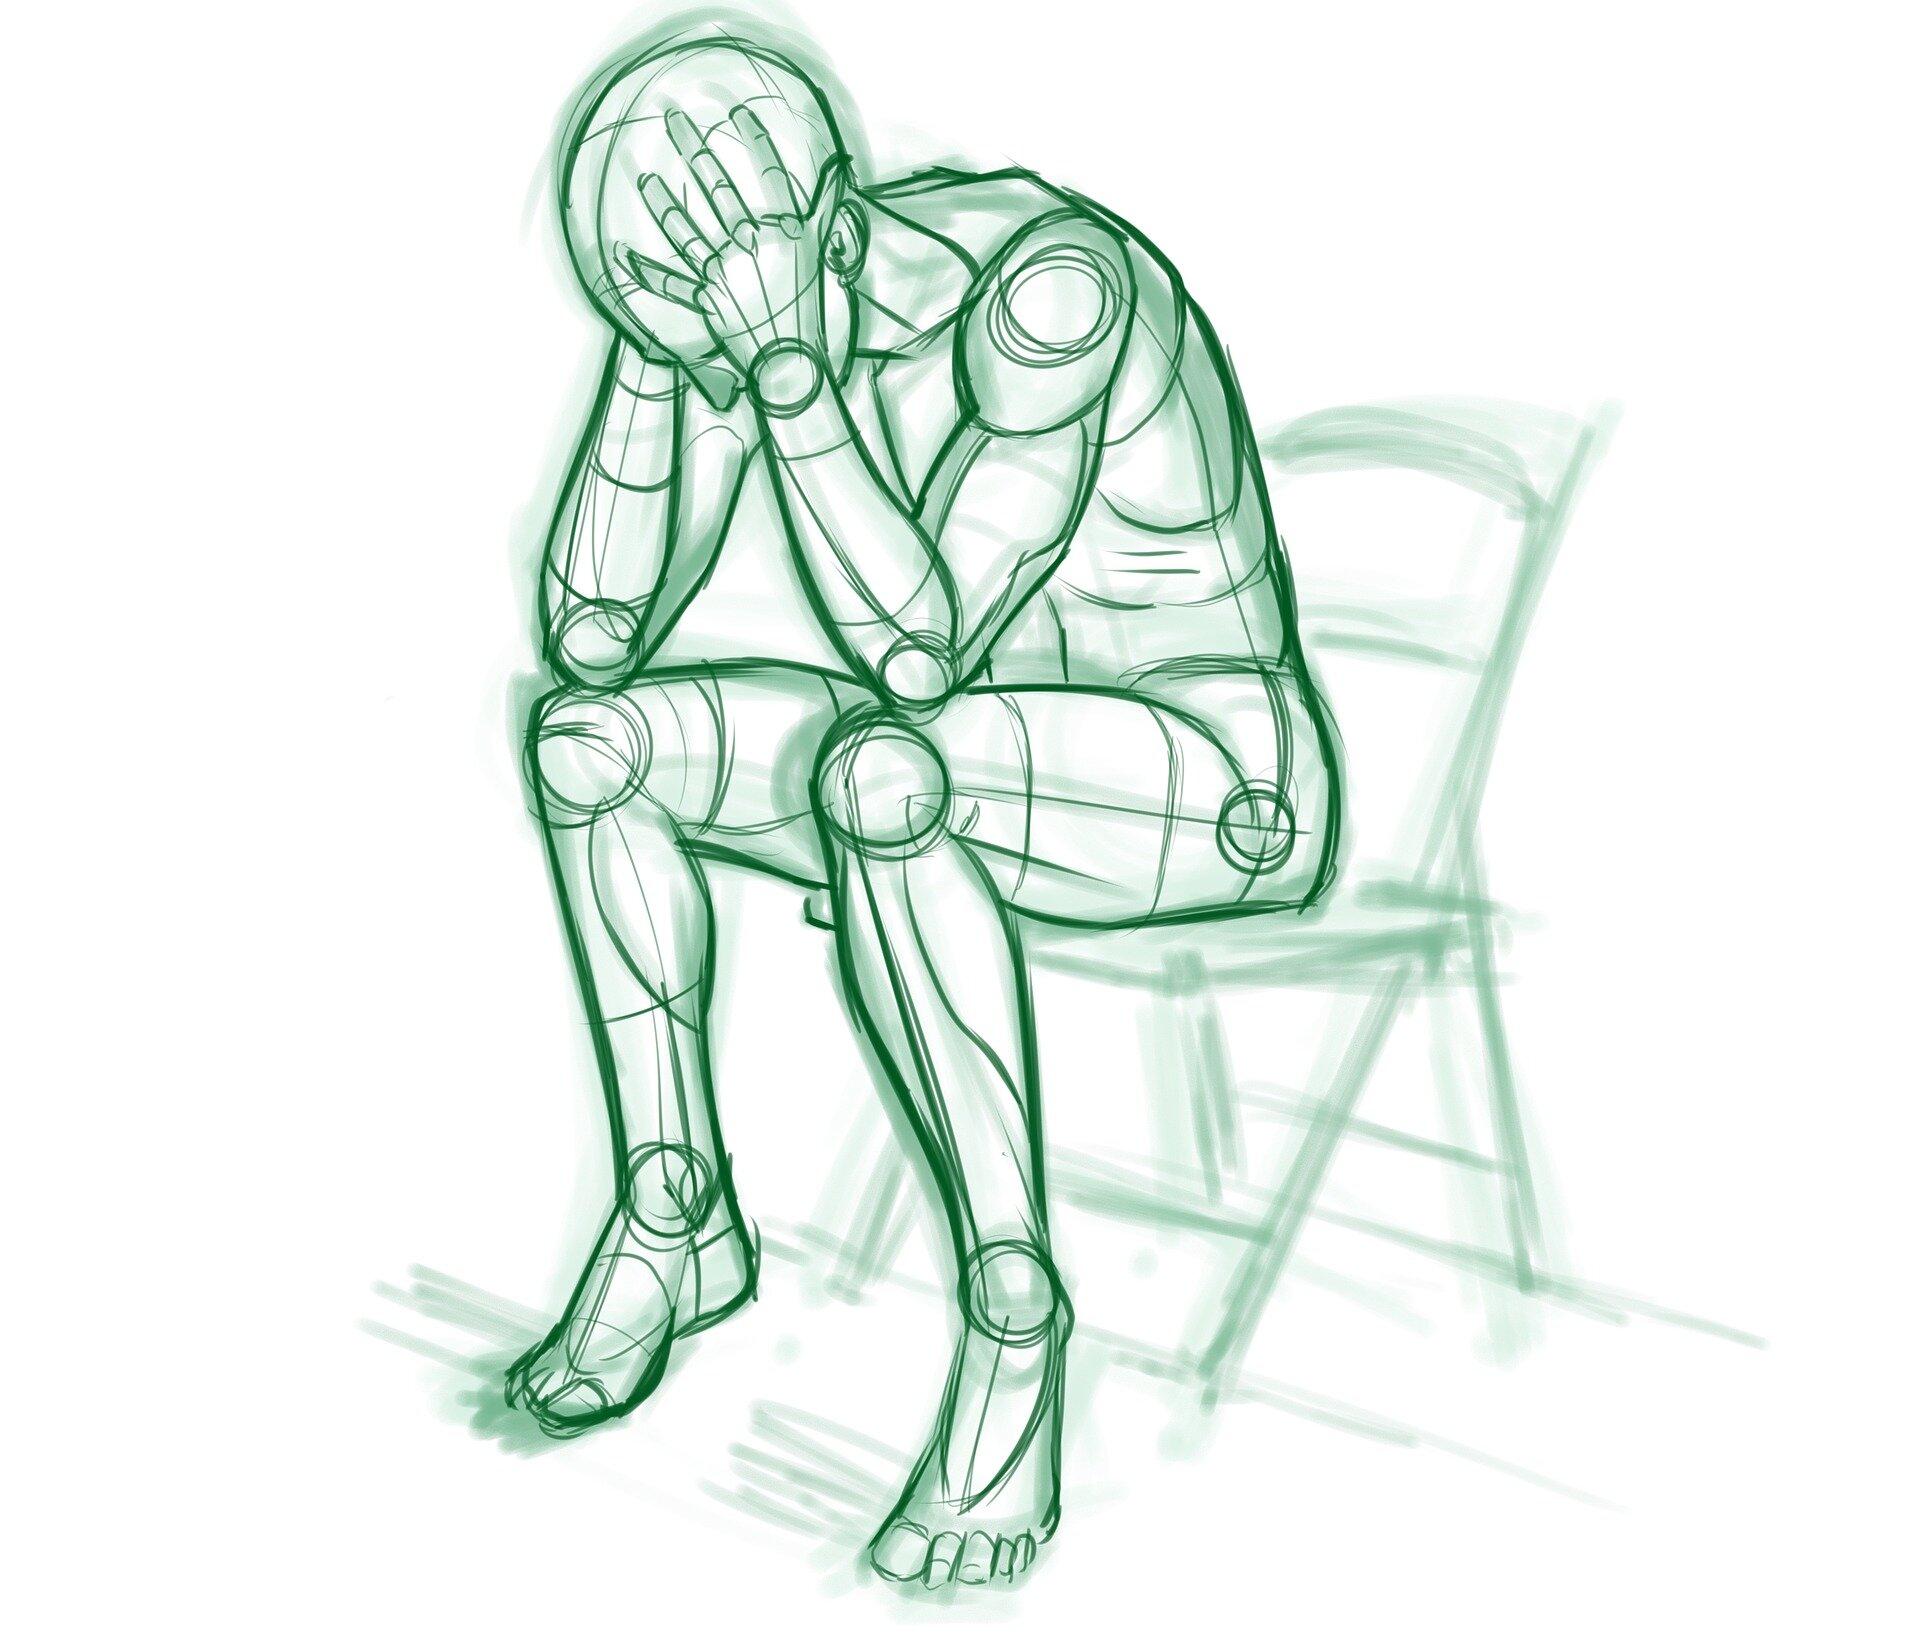 Zeit der Entscheidung Vorhersagen, das Risiko von Depressionen, Rückfall